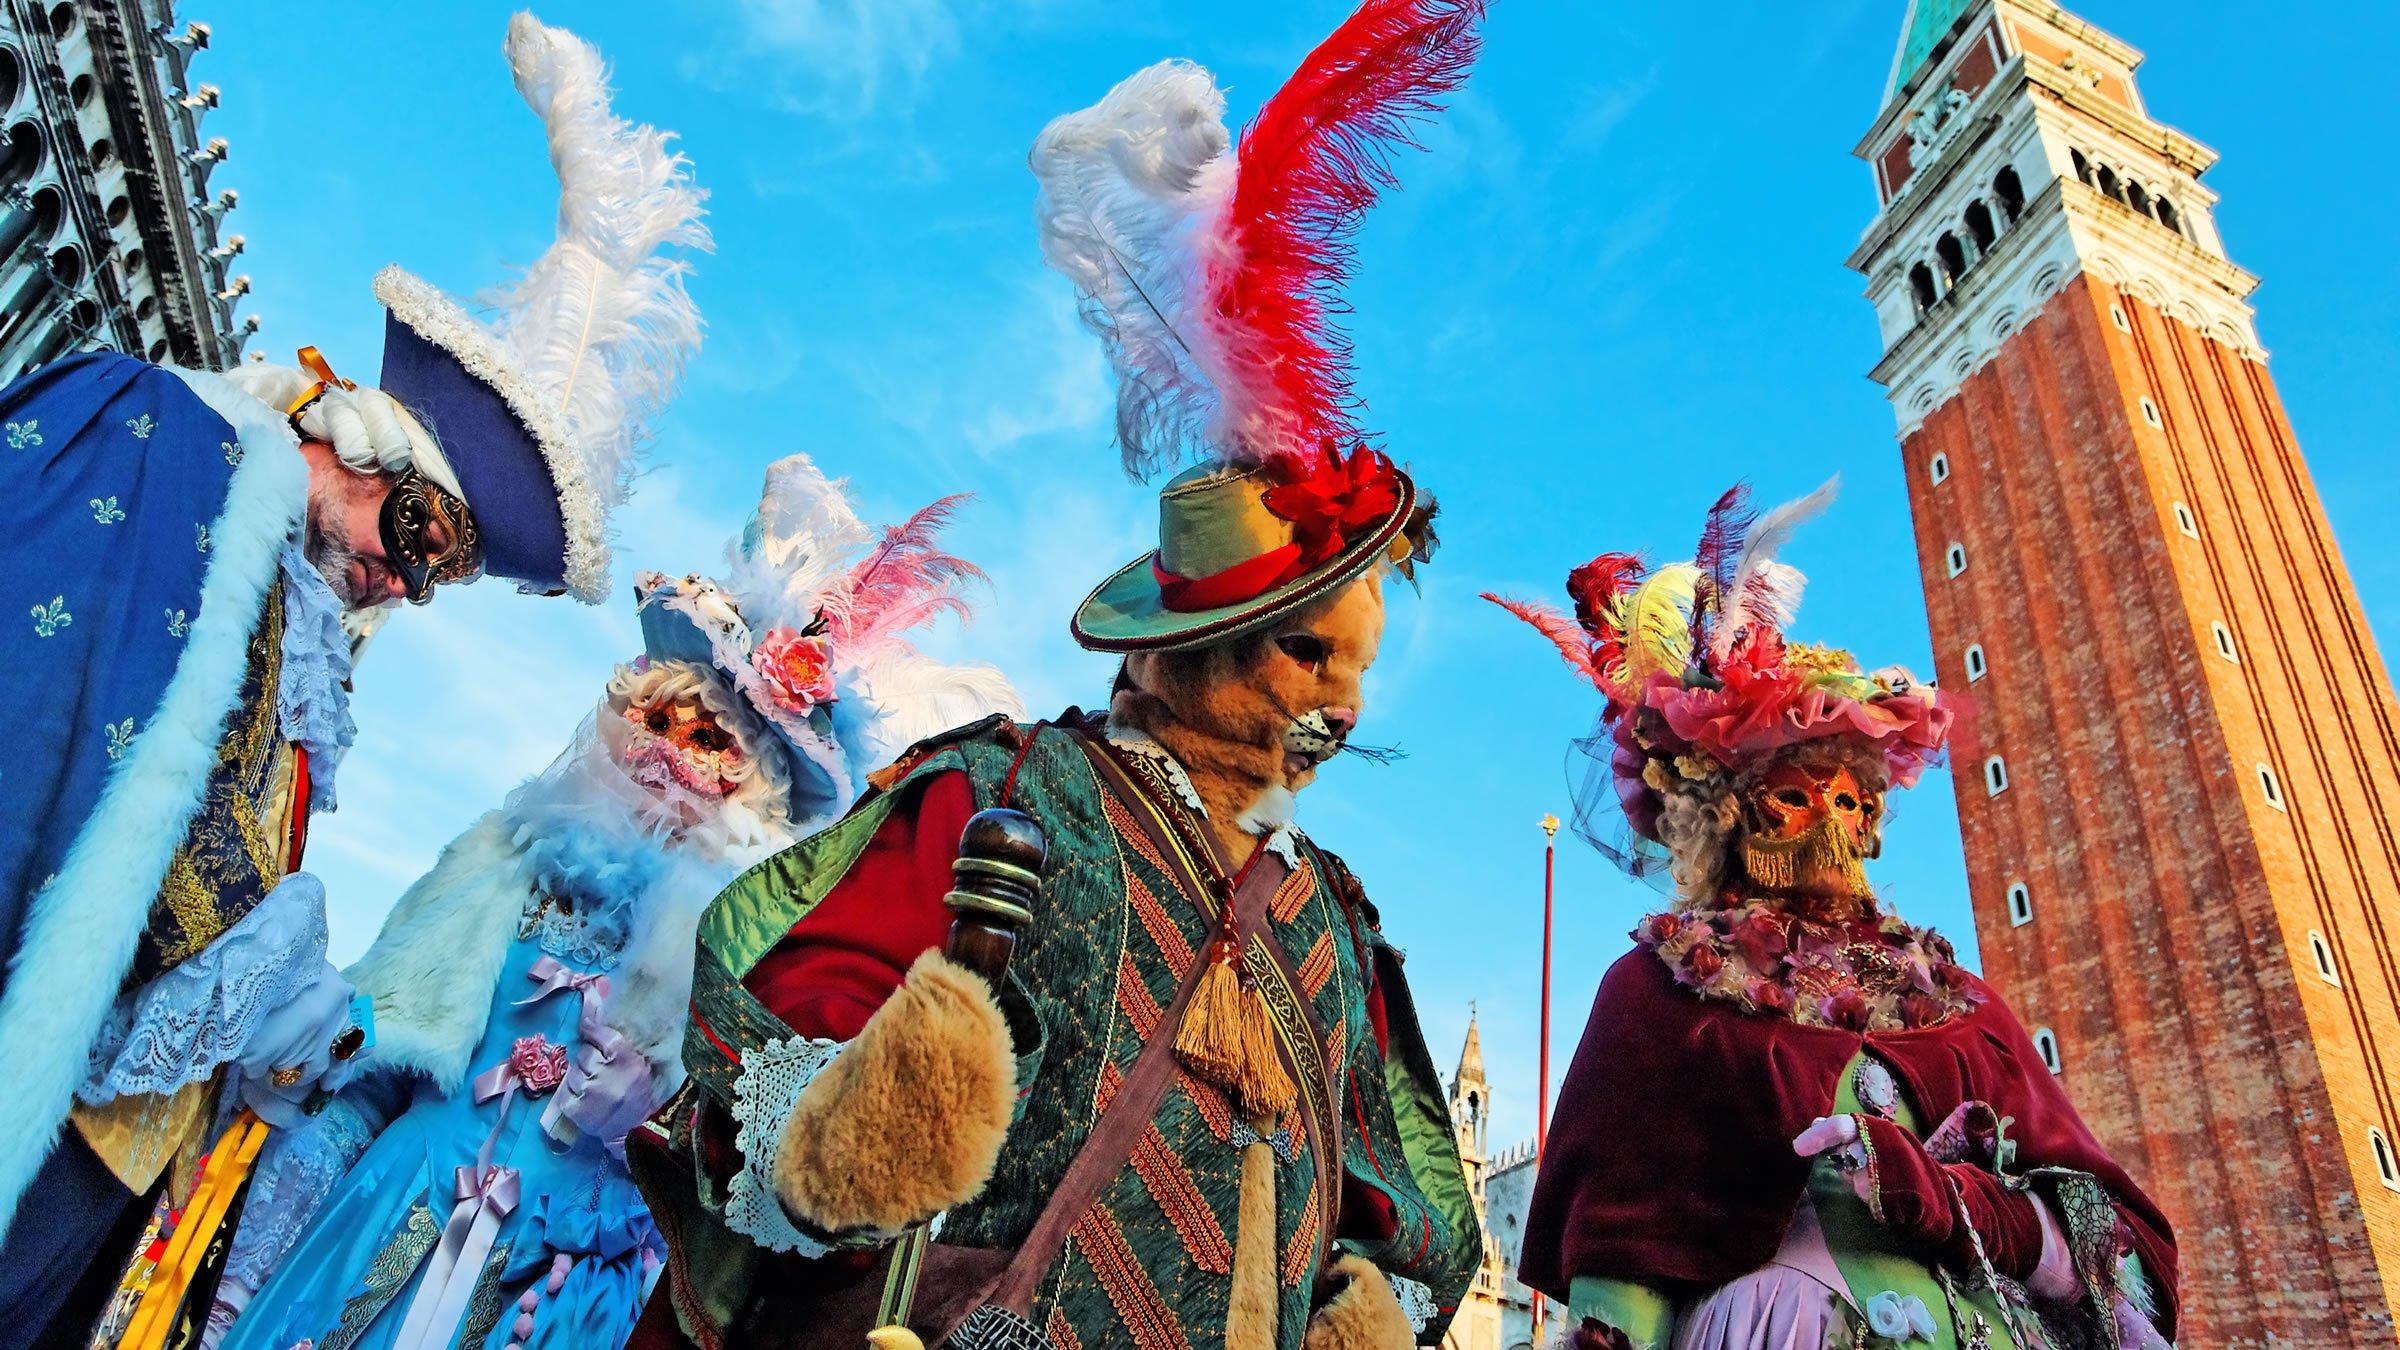 Trajes t picos del carnaval de venecia en la piazza san marco - Trajes de carnaval de epoca ...